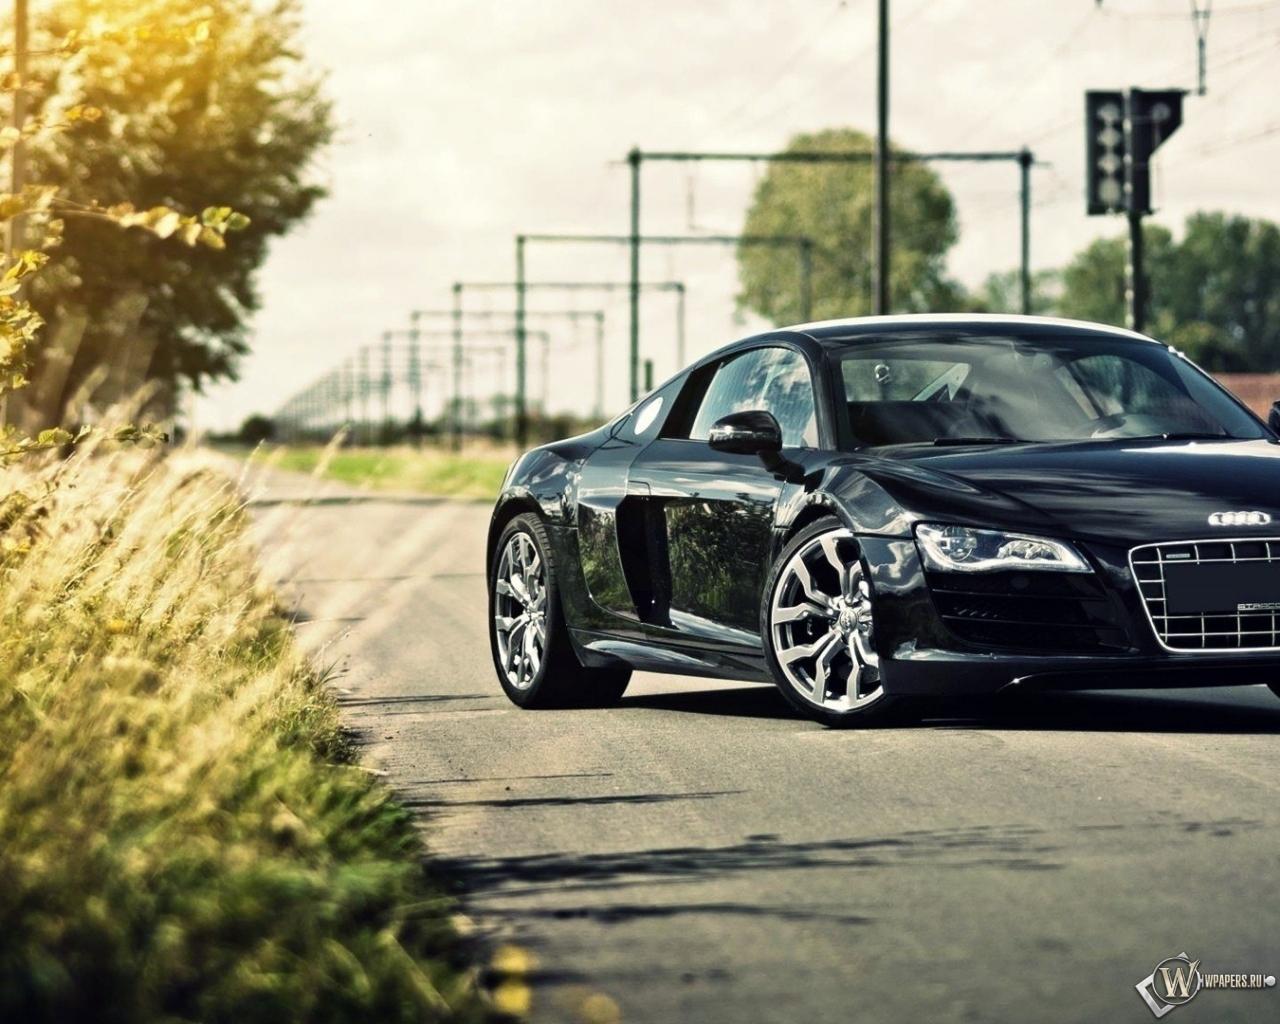 Audi R8 1280x1024